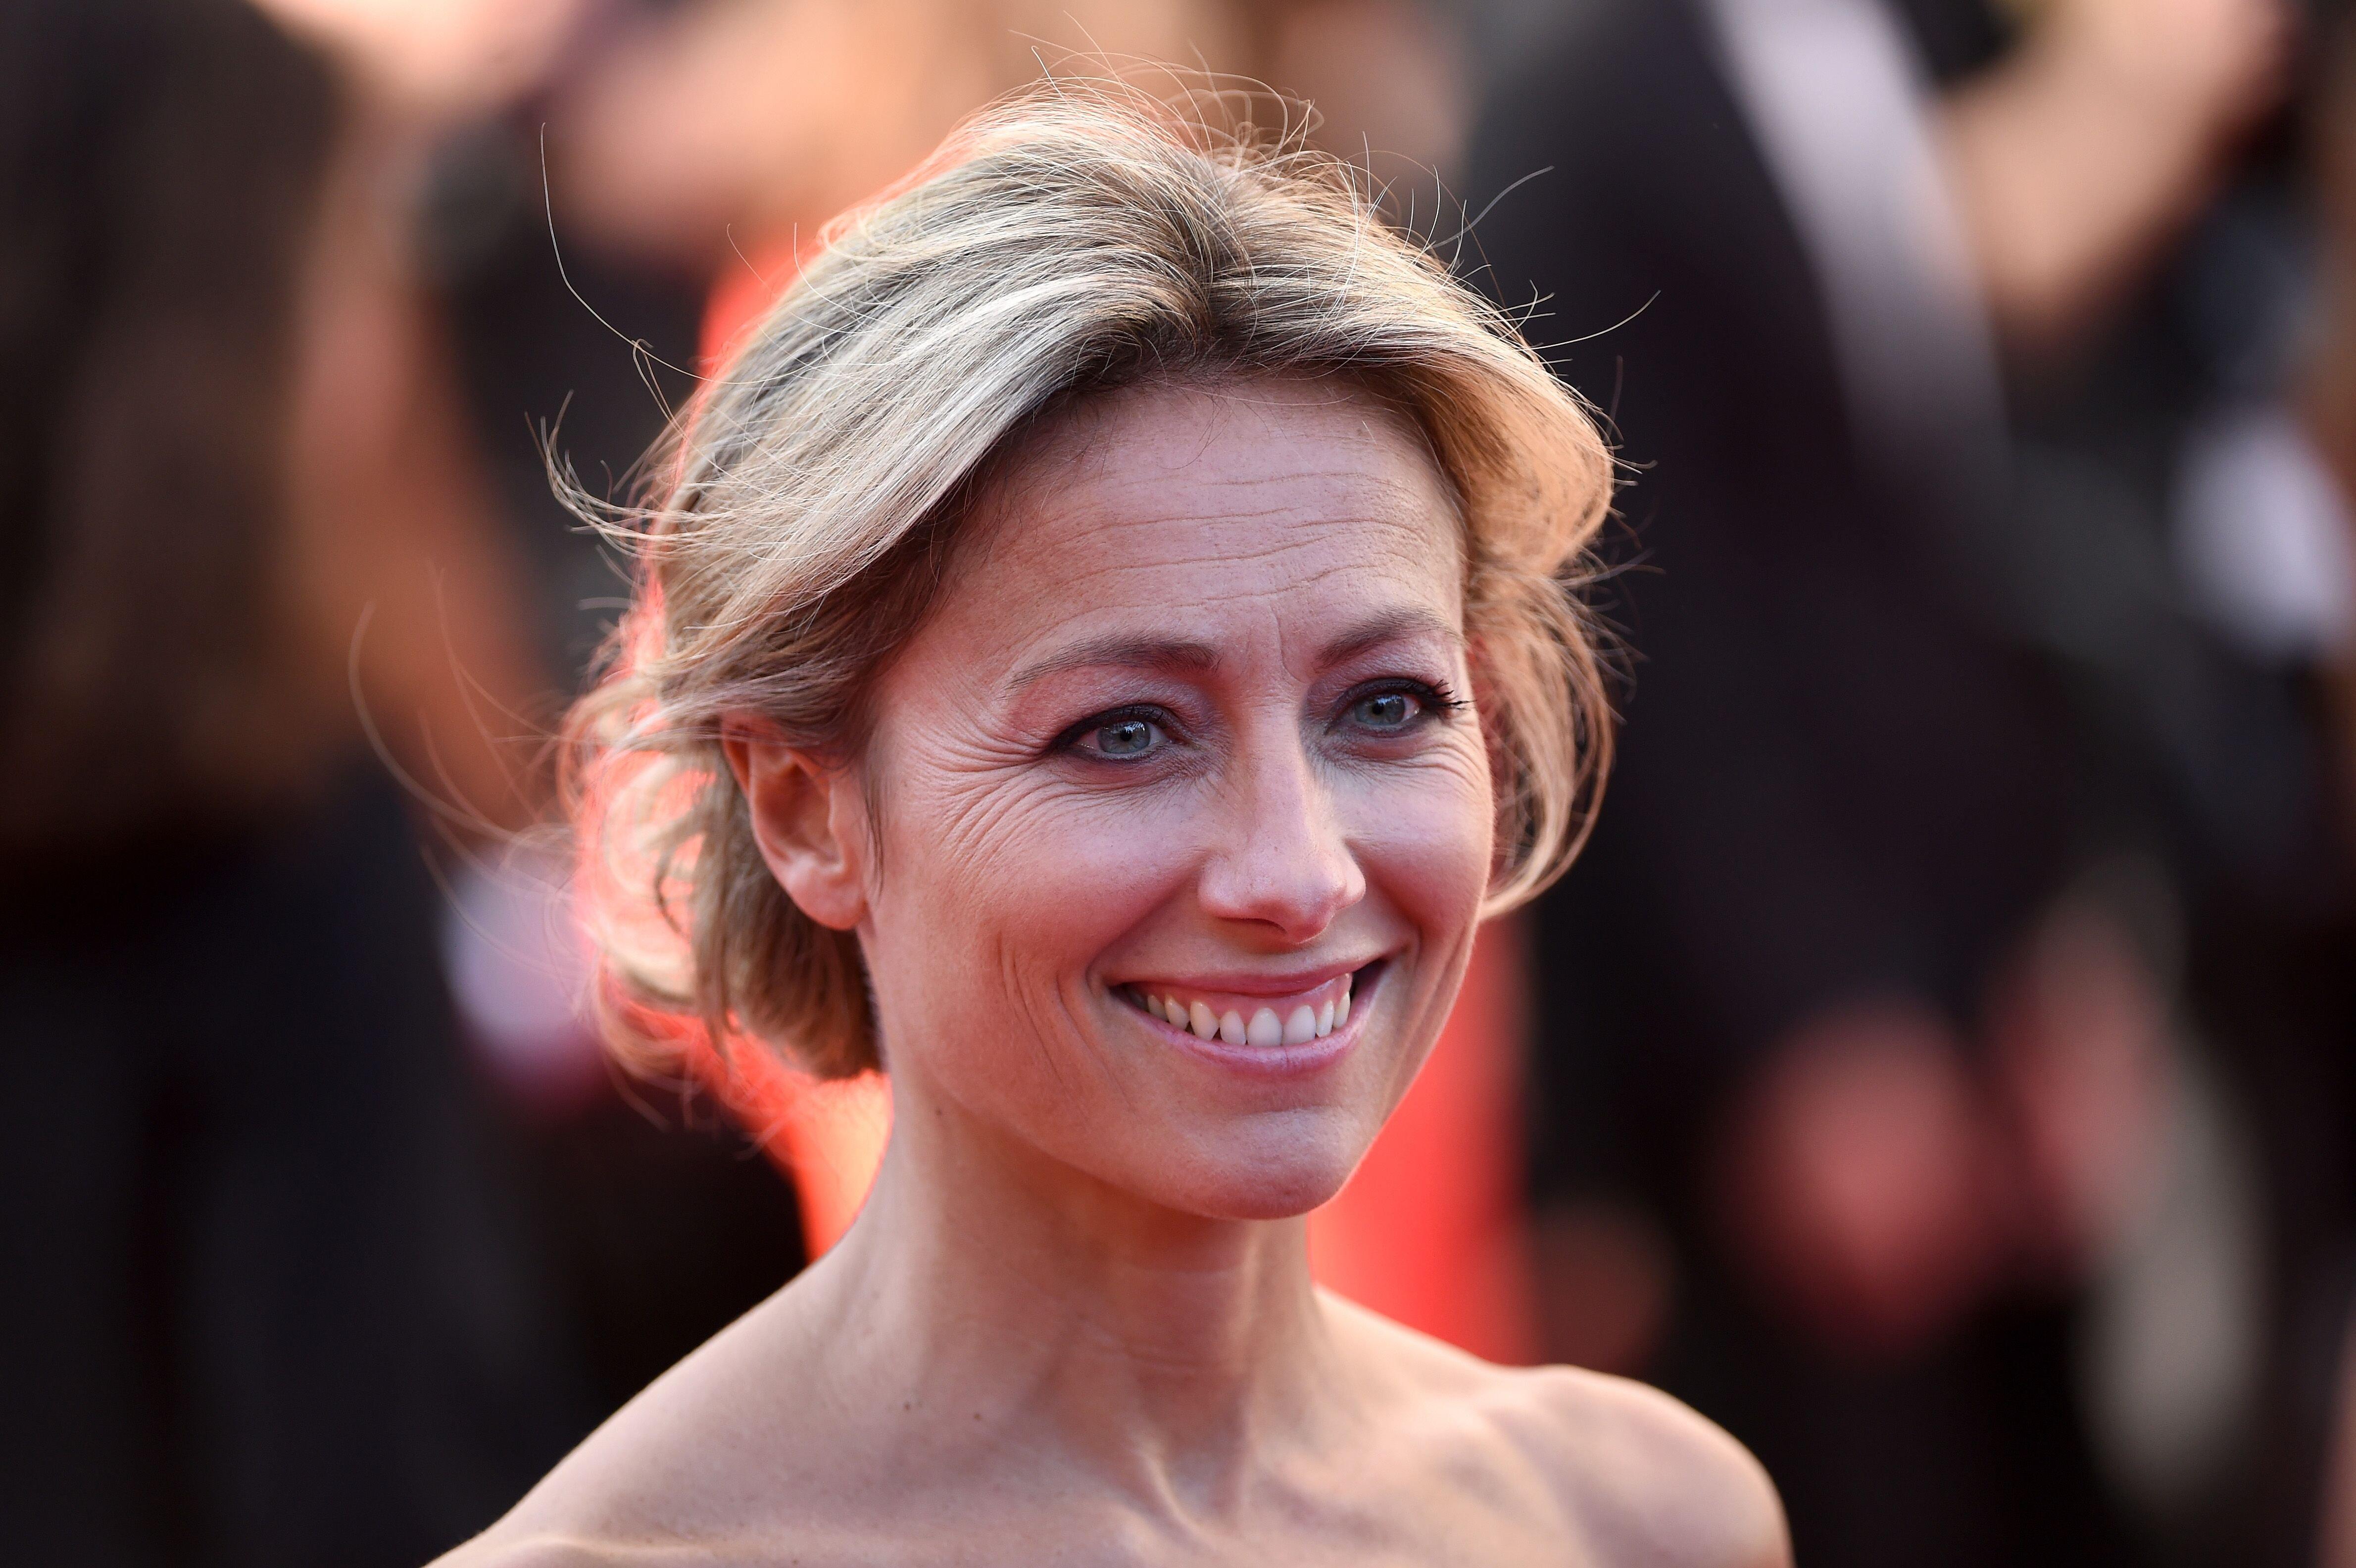 La journaliste Anne-Sophie Lapix. l Source : Getty Images